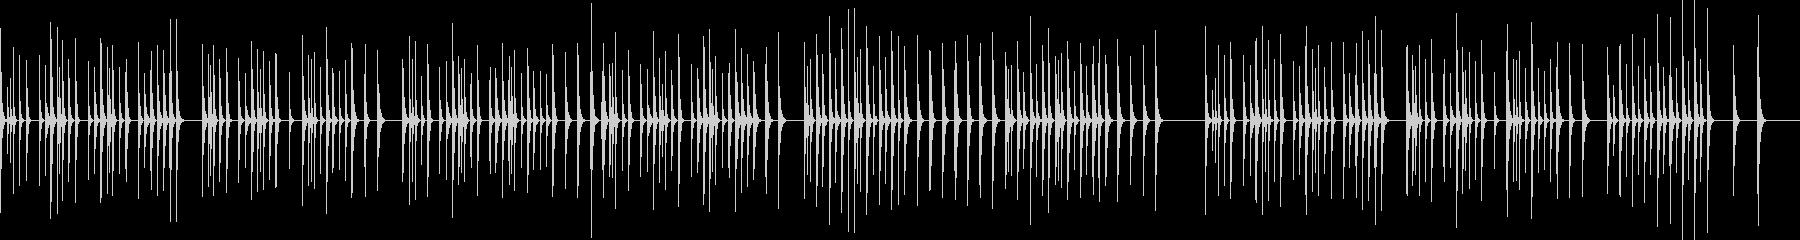 シロフォン(木琴)ソロのとぼけた感じの未再生の波形